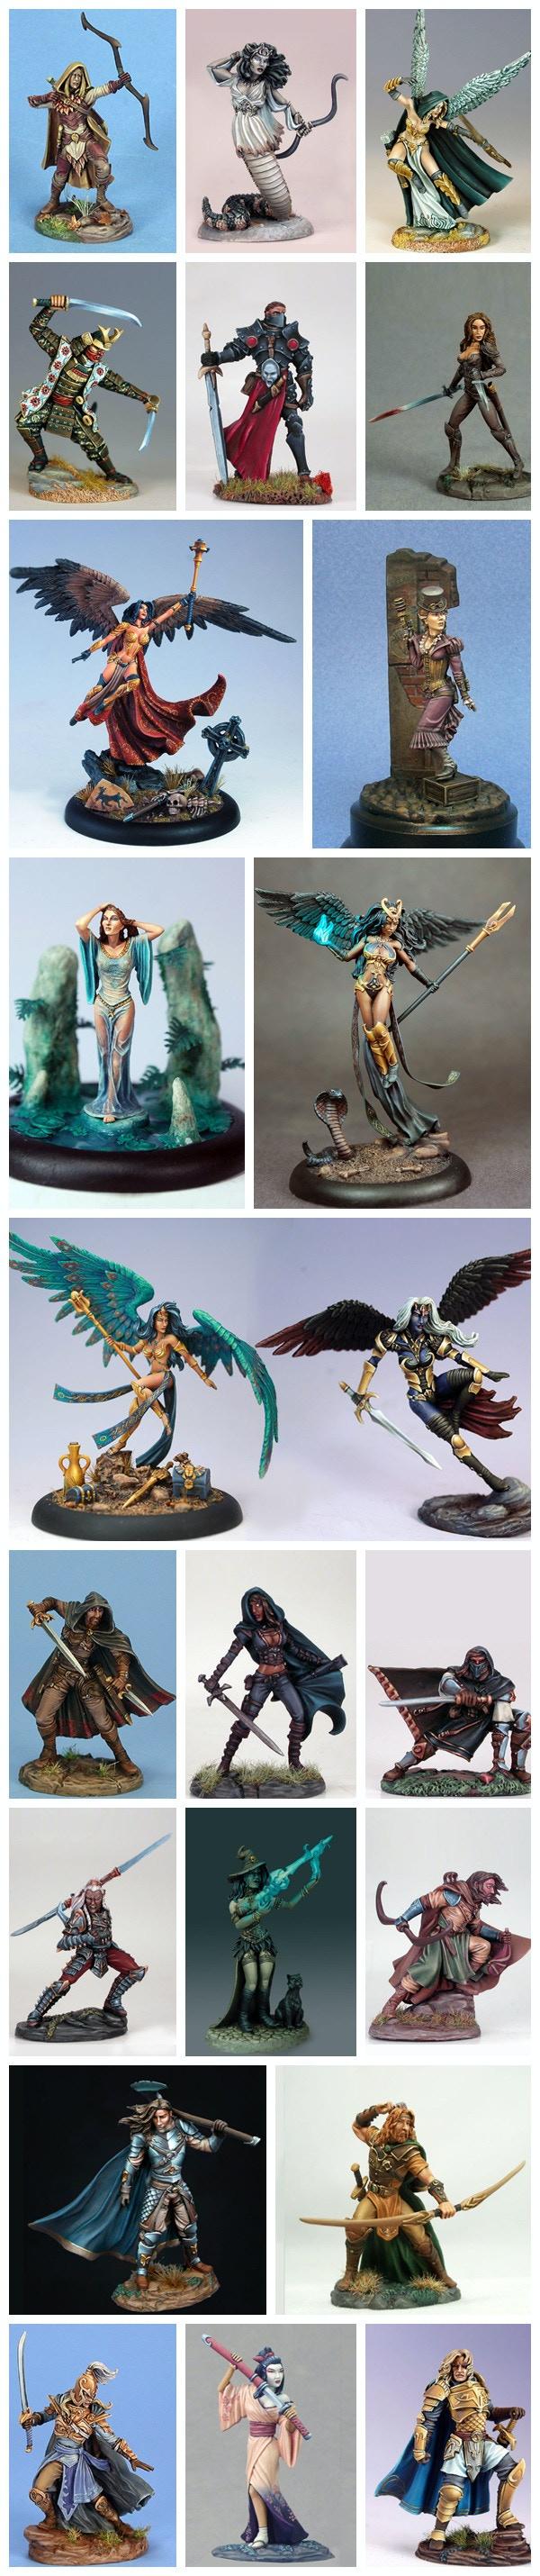 Dark Sword Miniatures New Range - Stephanie Law Masterworks by Dark